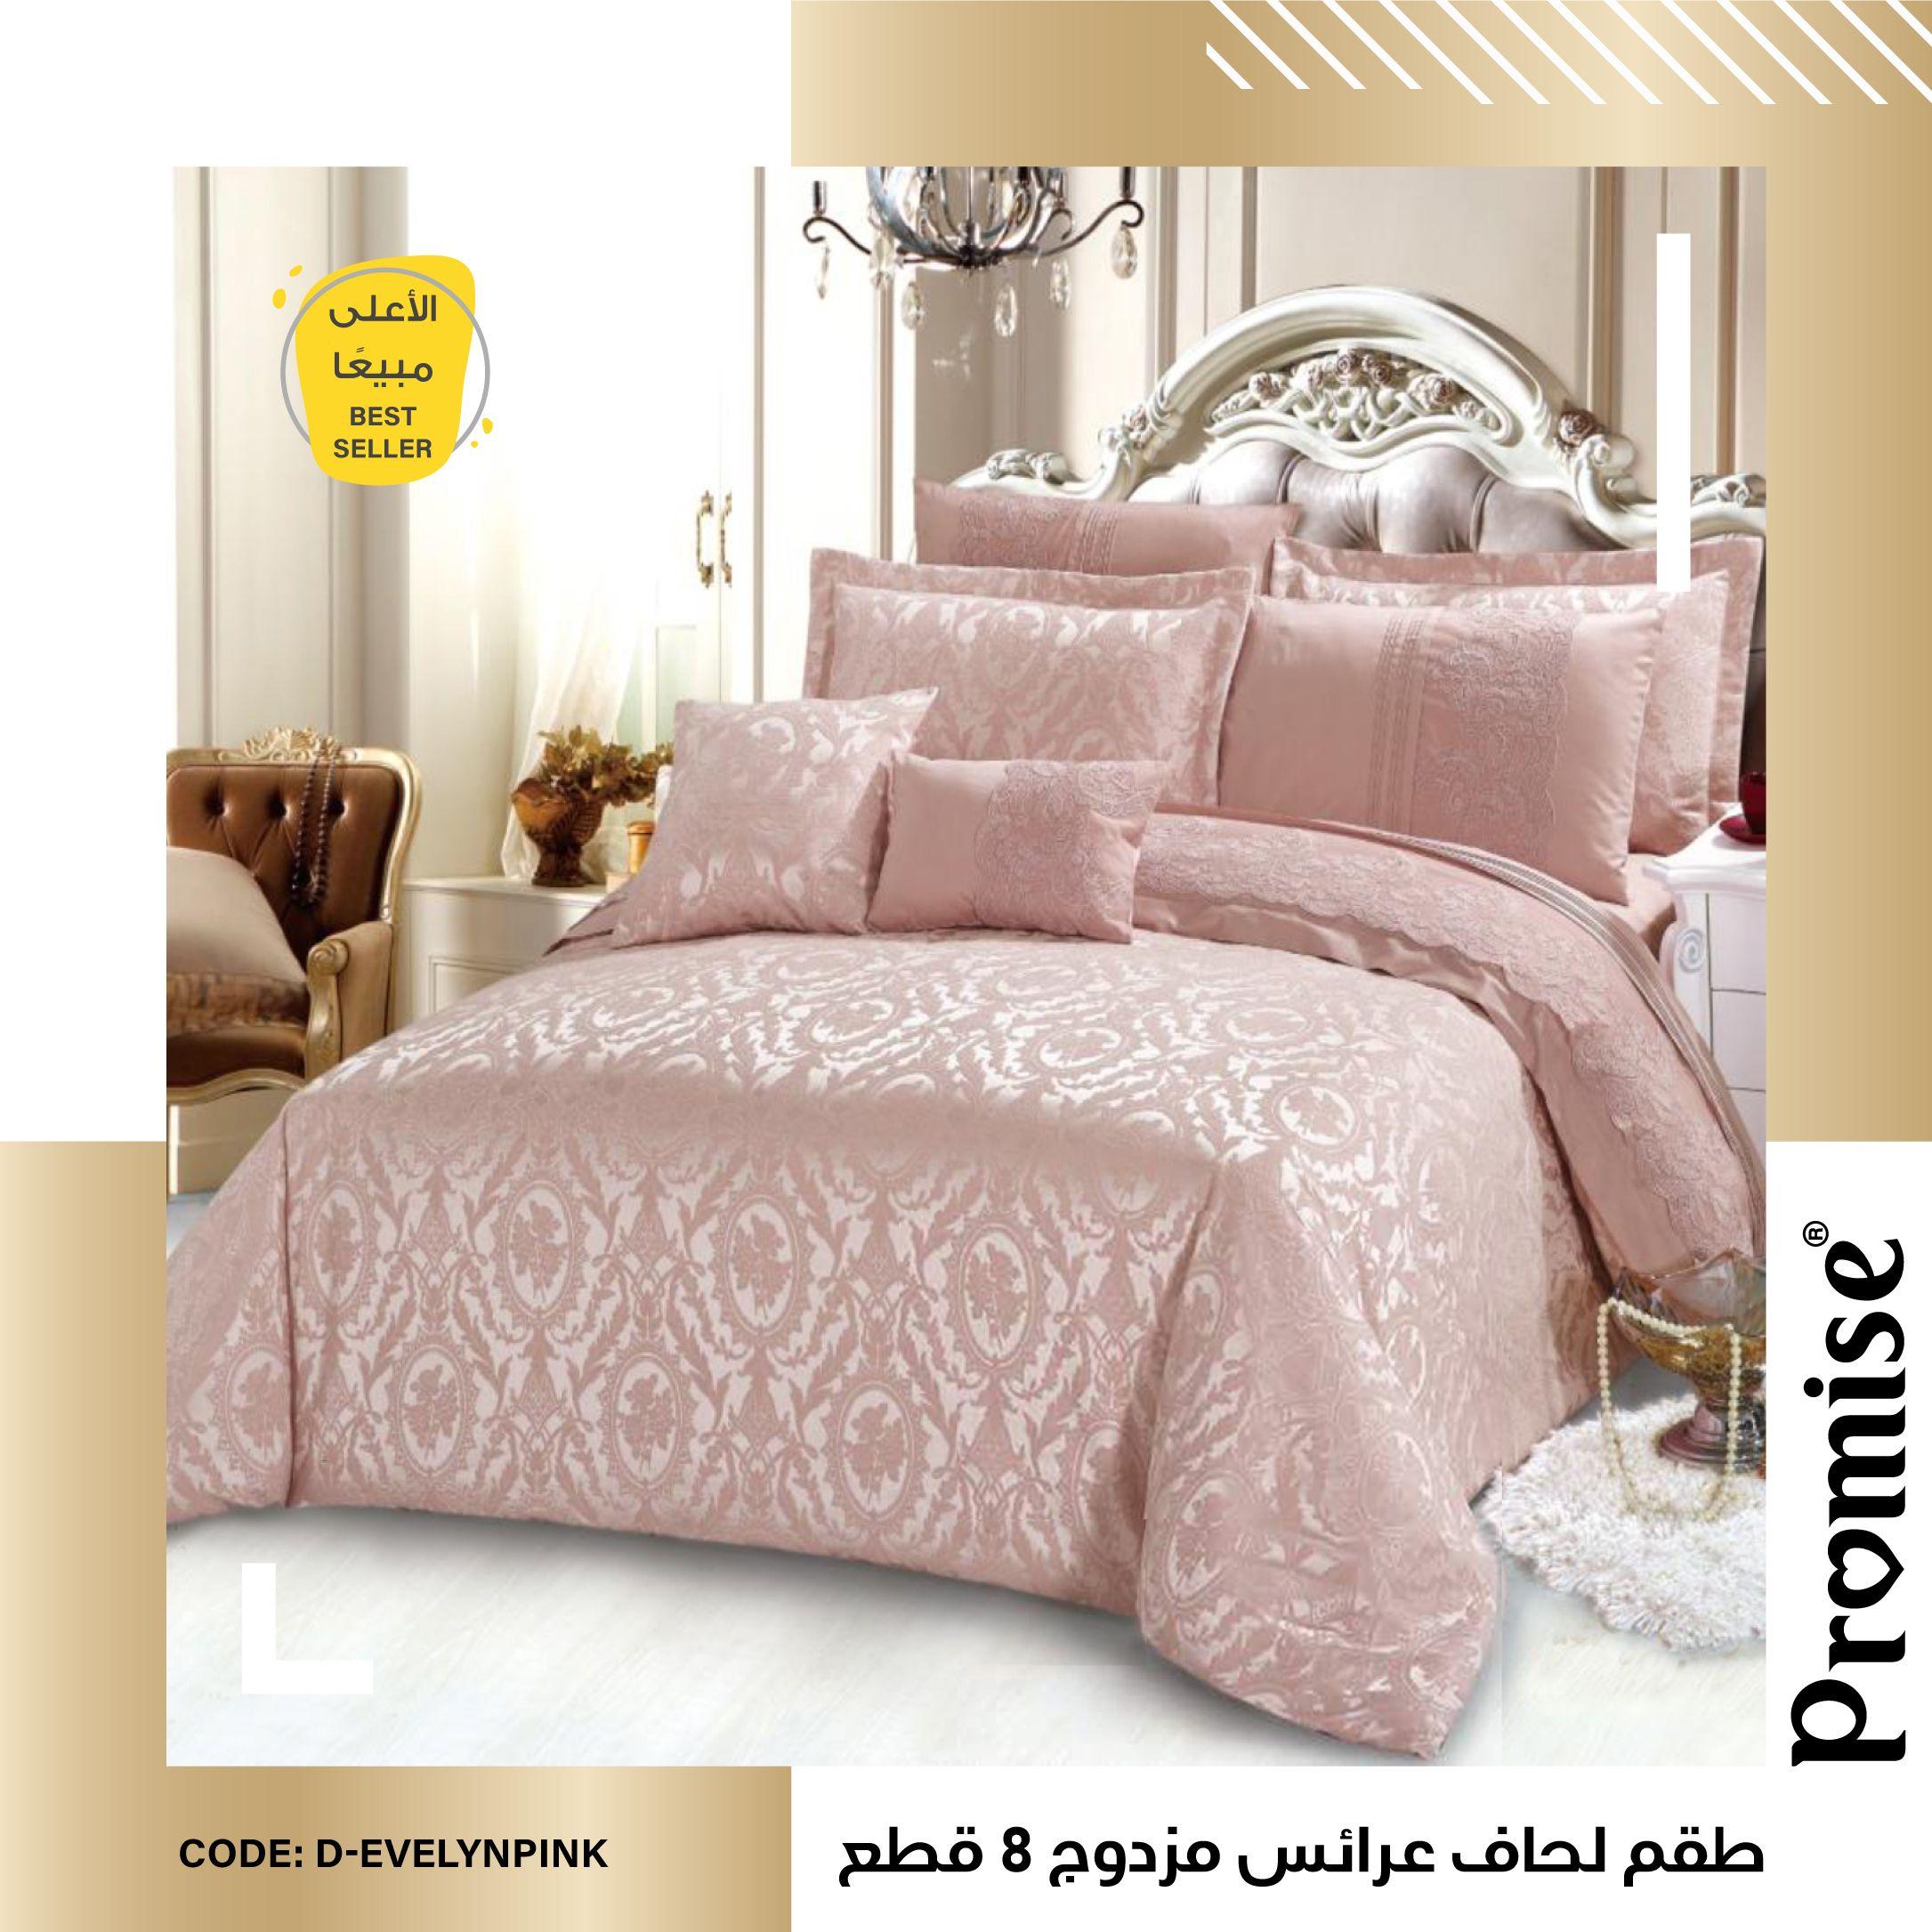 مفرش فاخر بألوانه ونقوشاته الهادئة التي تعطيك لمسة أنيقة لغرفتك Home Decor Furniture Home